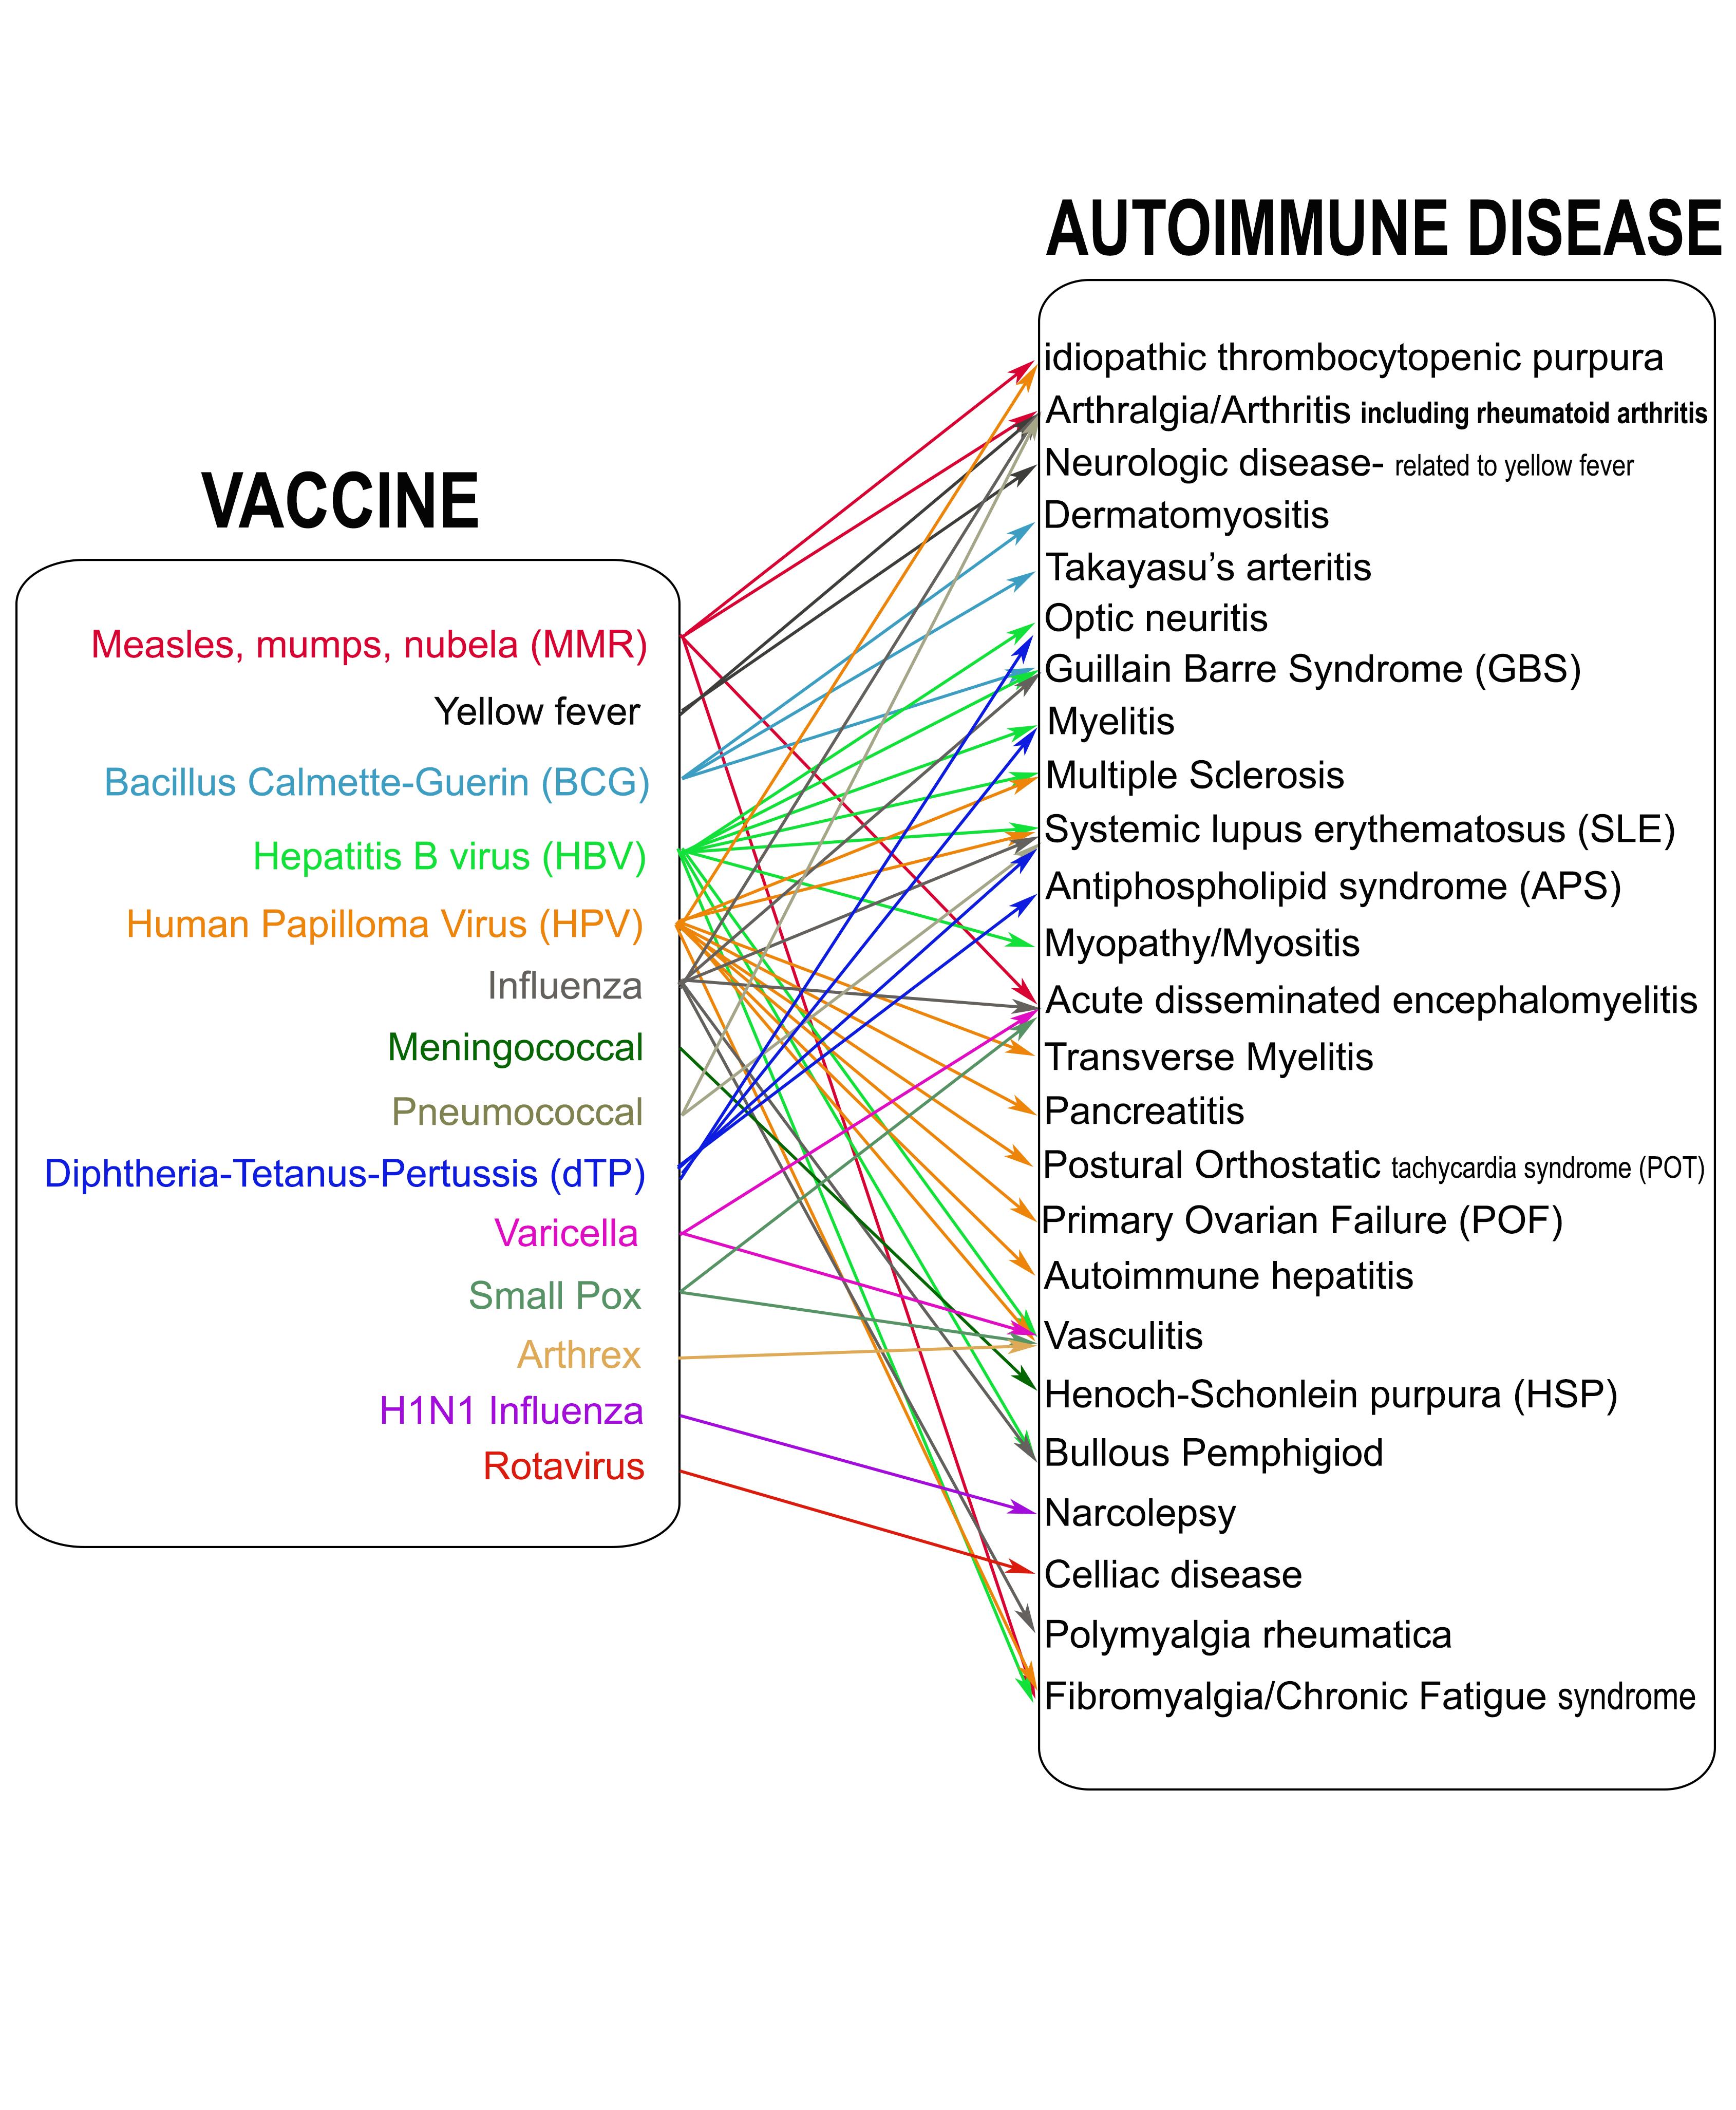 Vaccines and autoimmune